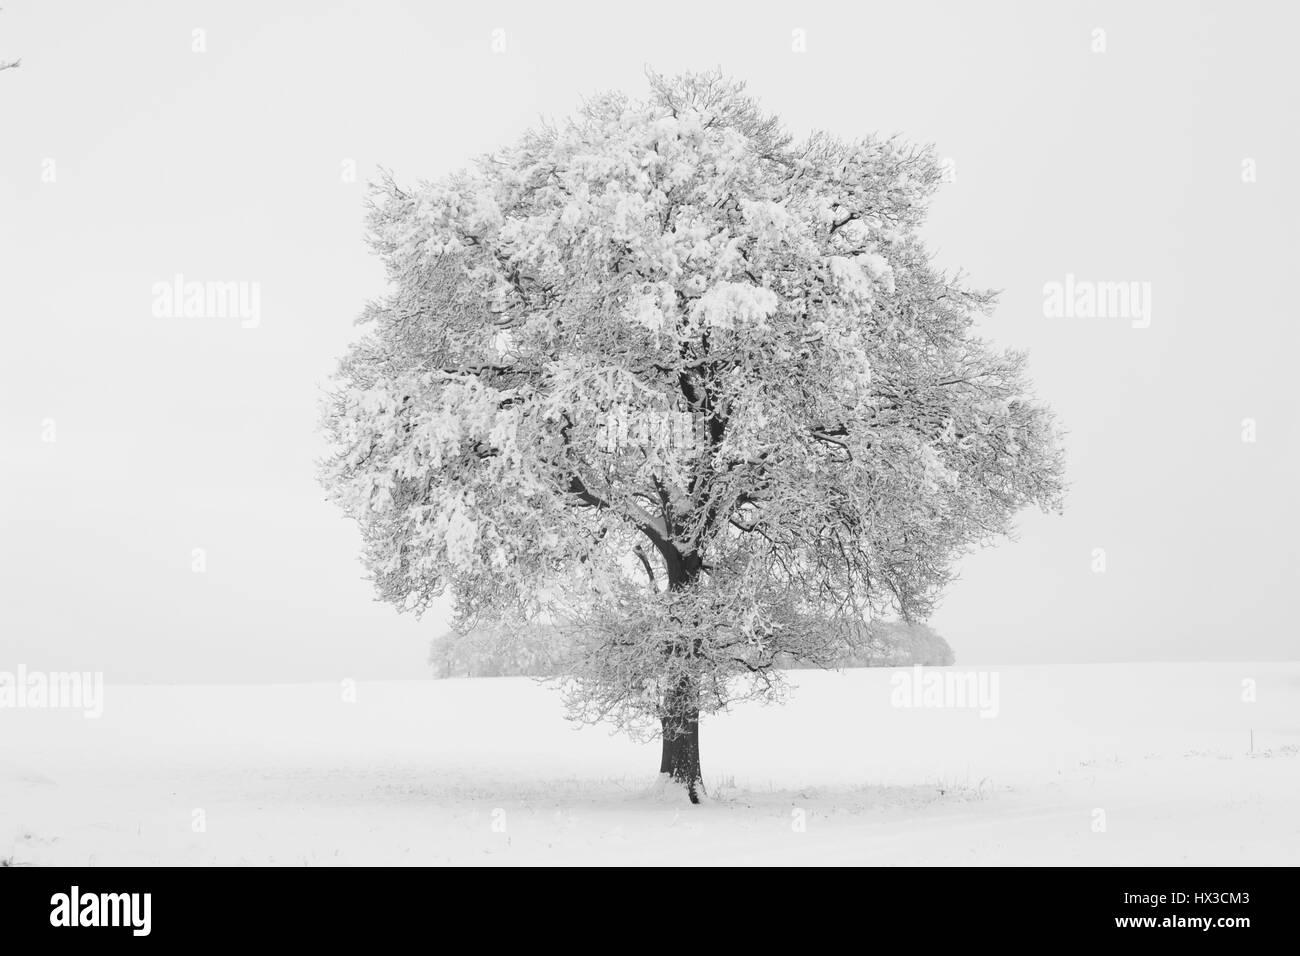 Schnee beladene Bäume in verschneiter Landschaft, Wooton St Lawrence, Hampshire. Stockbild